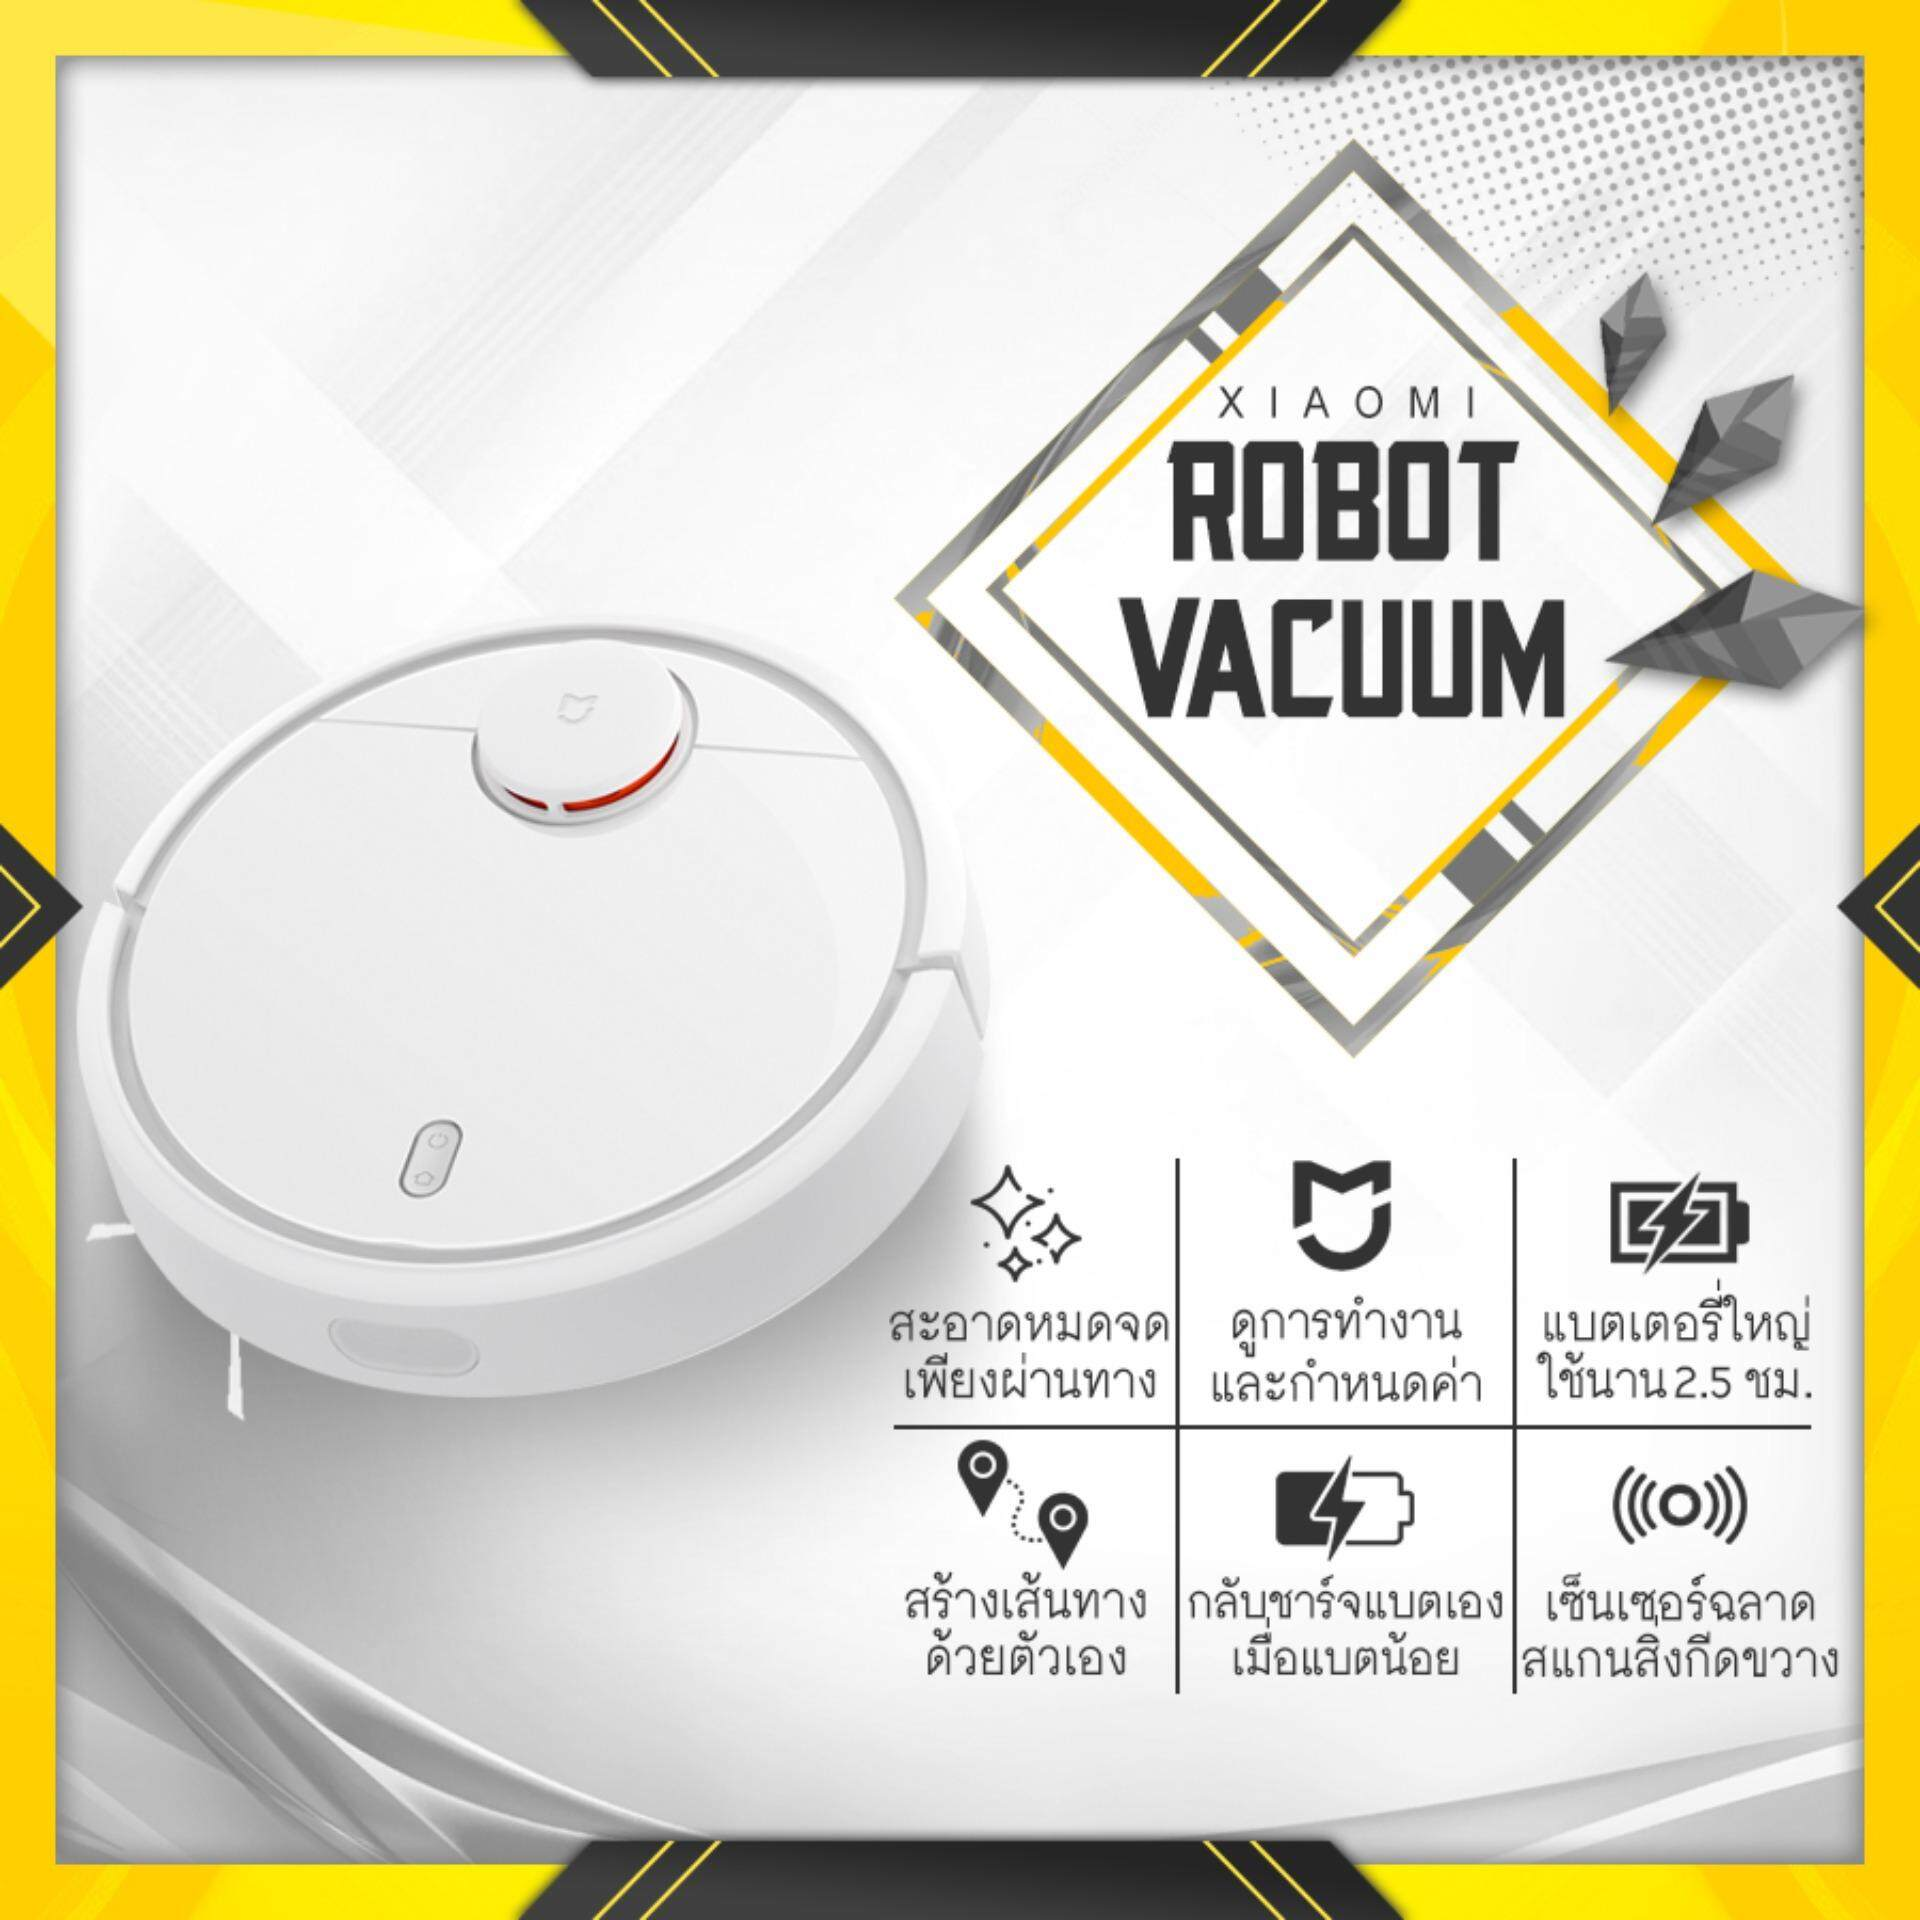 [แพ็คส่ง 1 วัน] หุ่นยนต์ดูดฝุ่น เครื่องดูดฝุ่น ทำความสะอาด อัจฉริยะ xiaomi mi robot vacuum cleaner